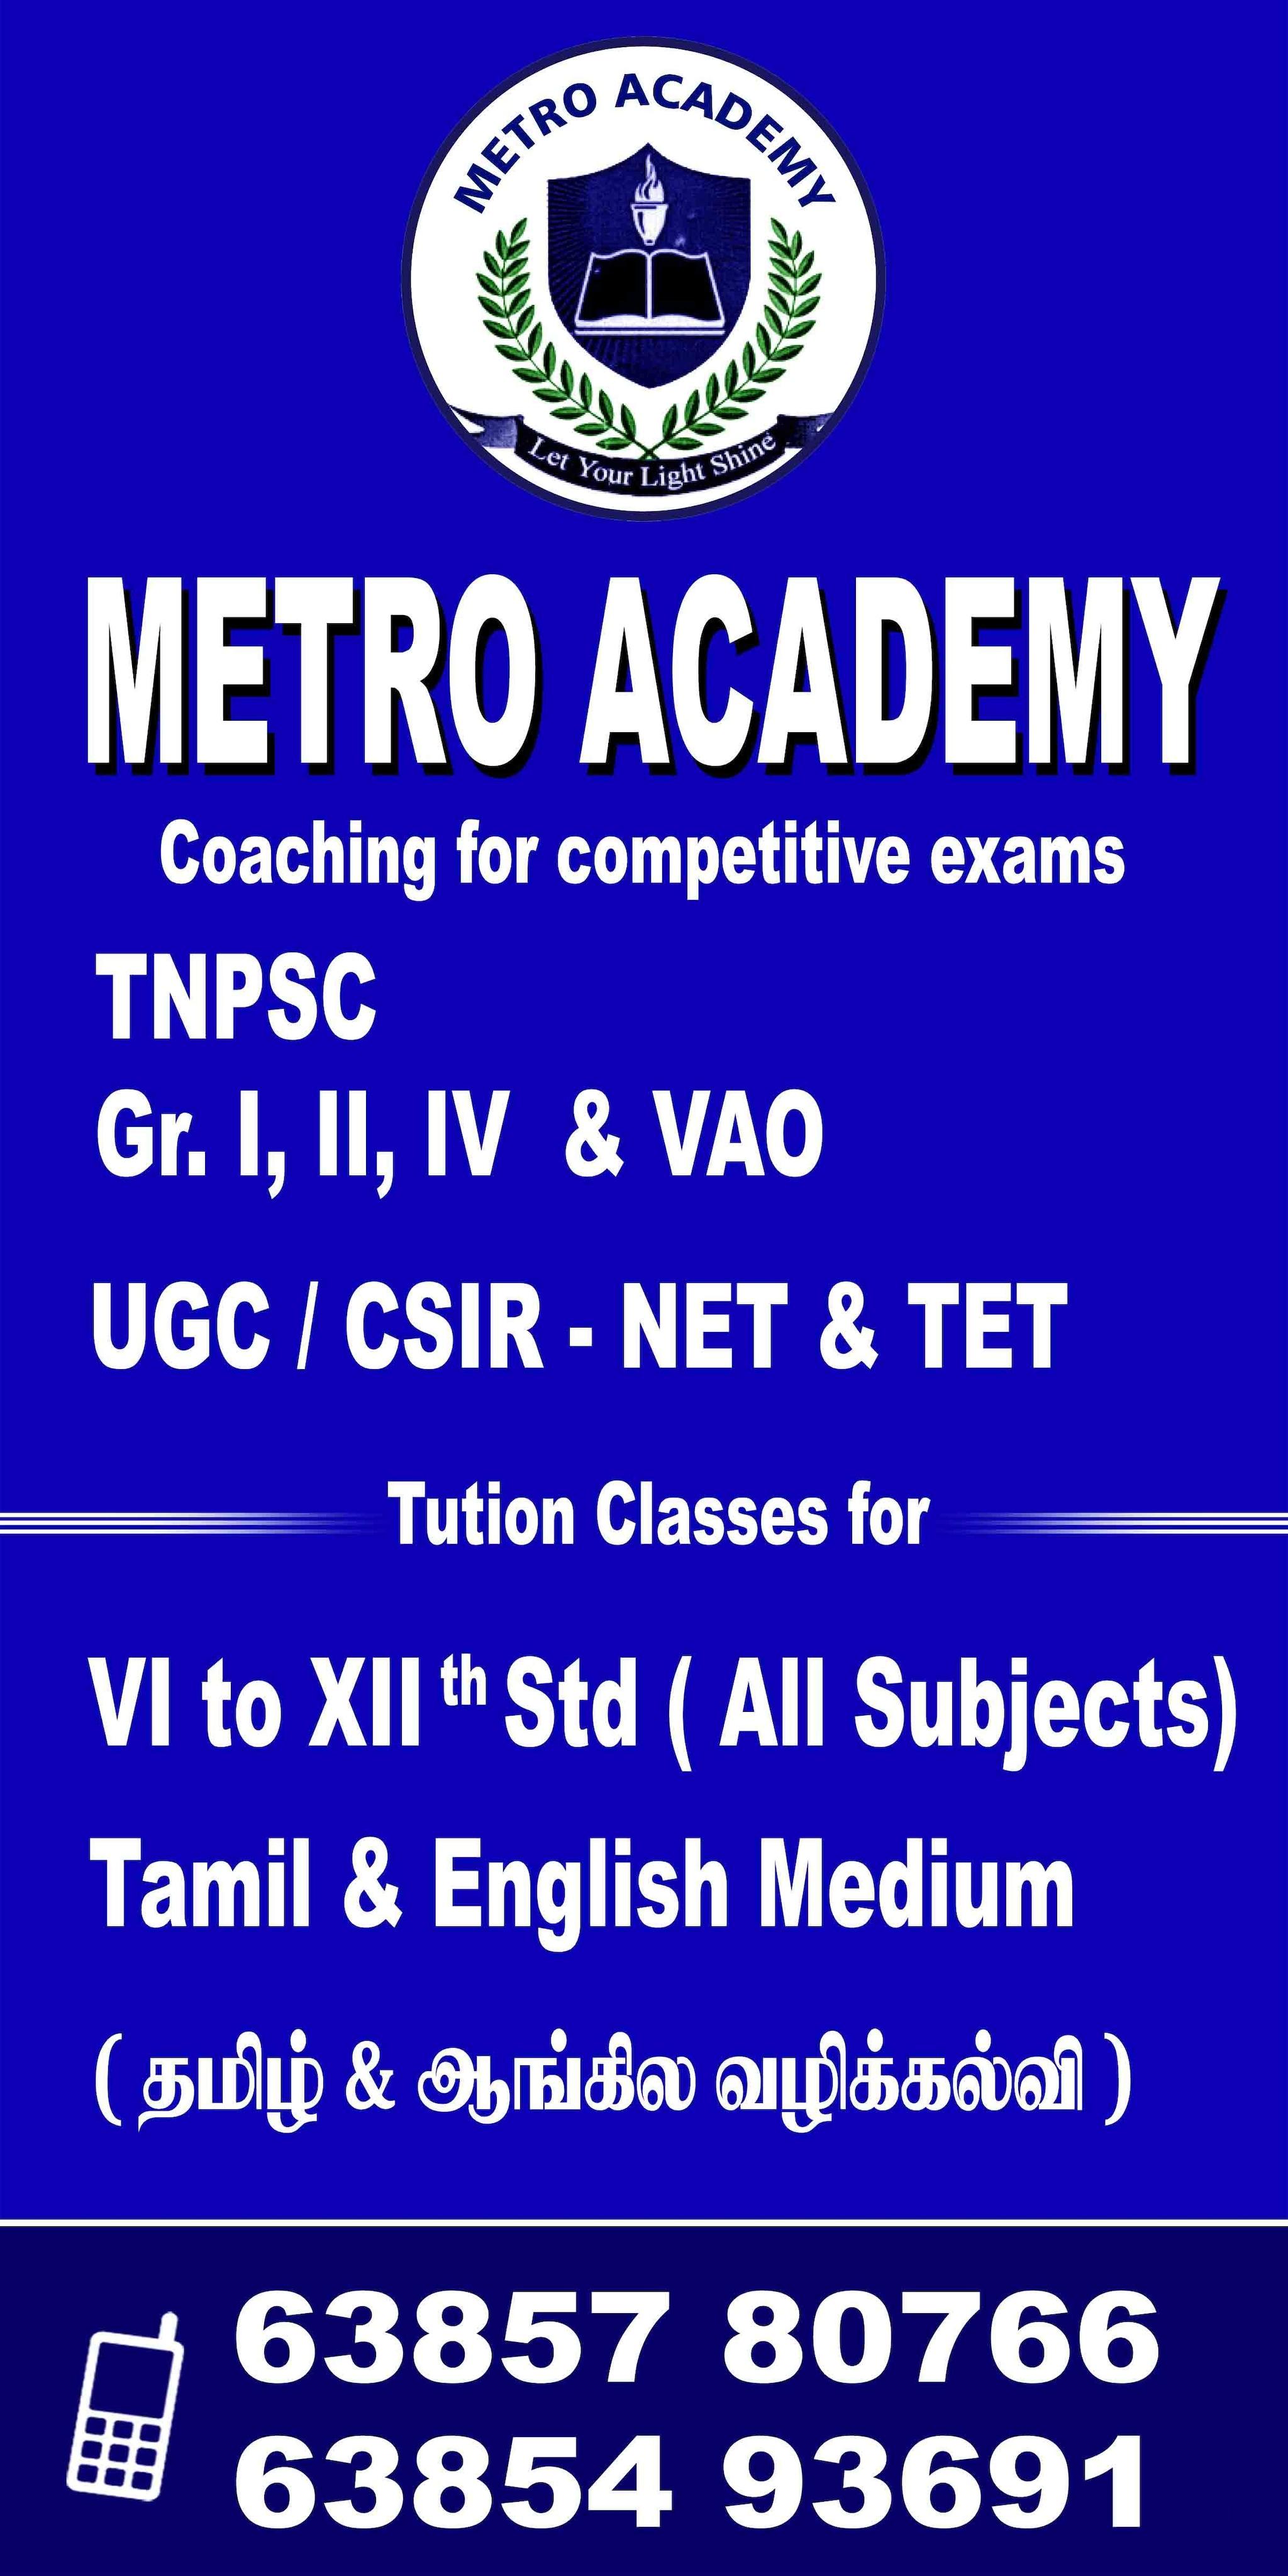 Top 30 NEET Coaching Centres in Tirunelveli - Best NEET